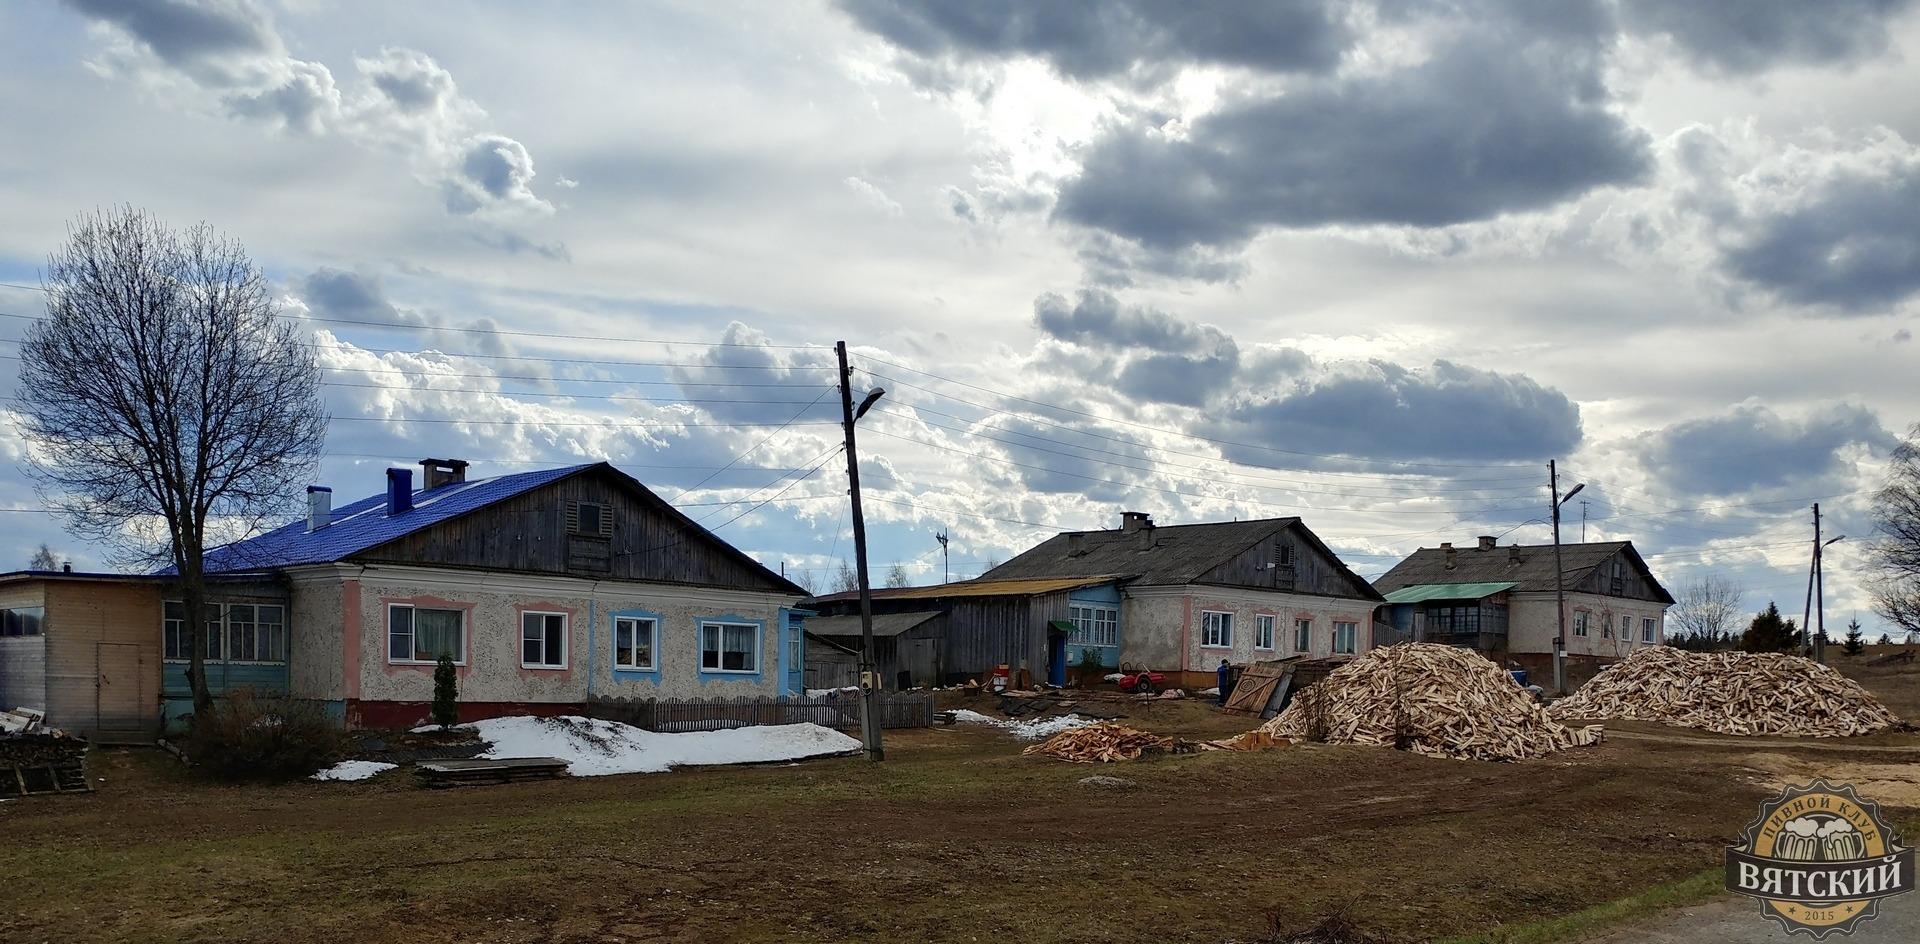 Типовые домики в селе.